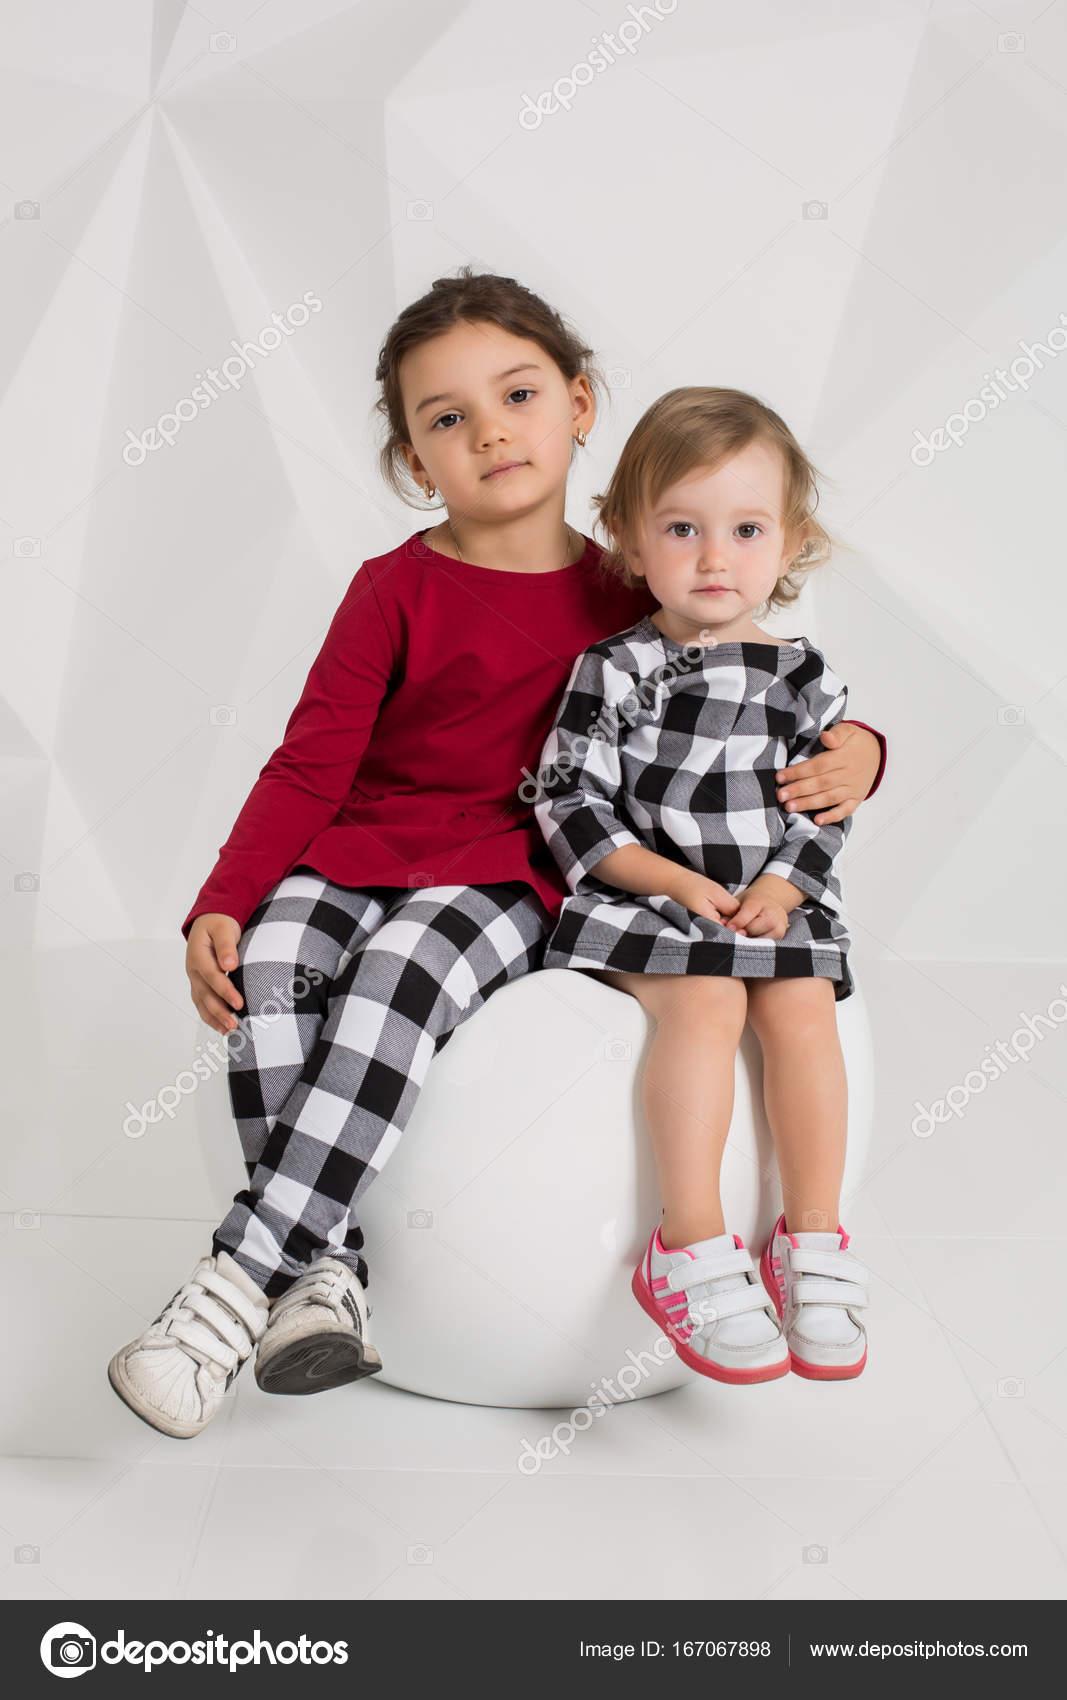 kinder zwei schwestern 15 und 5 jahre alt in kostümen in